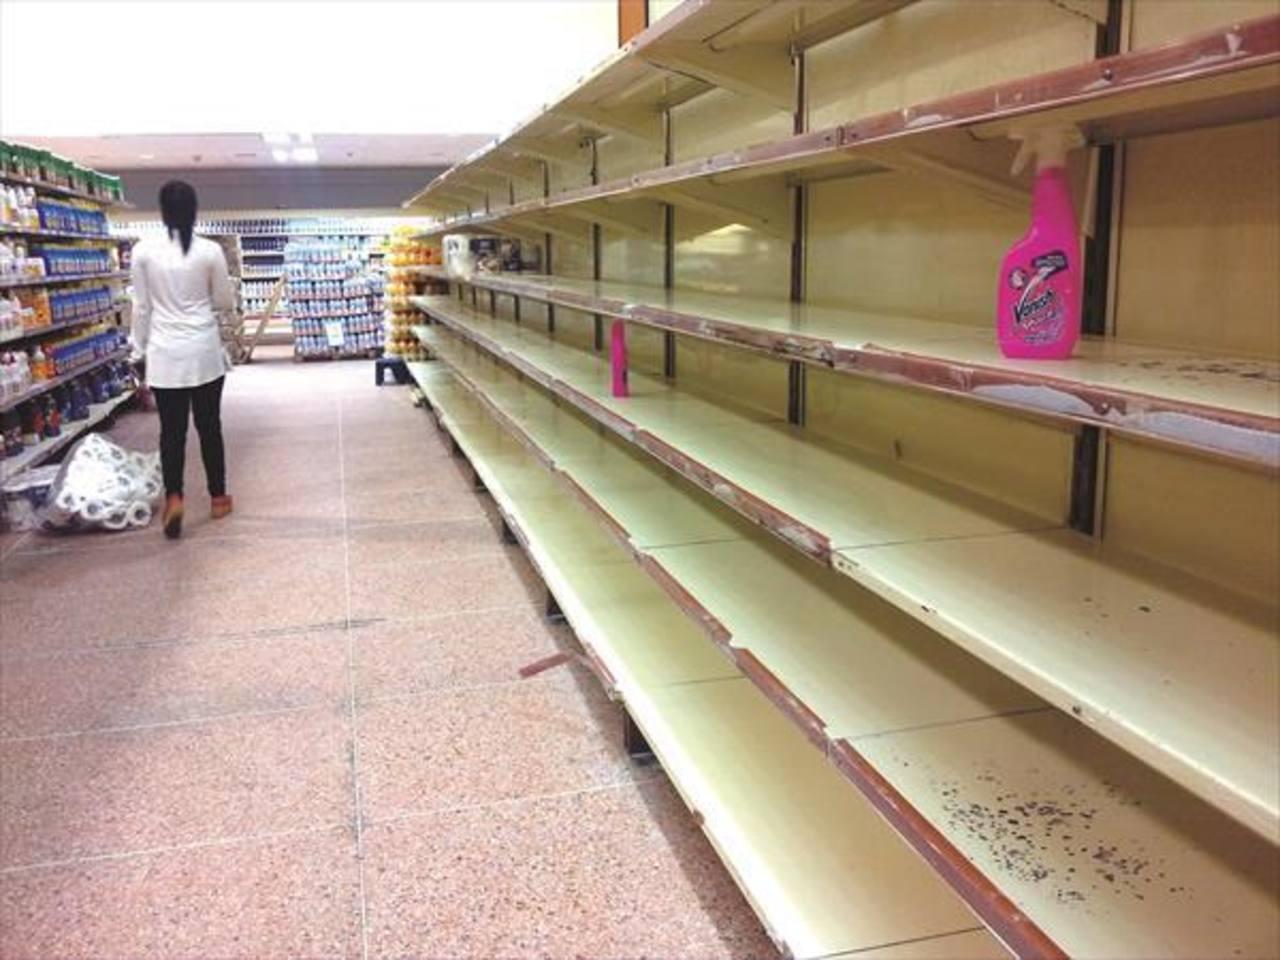 Según Datanálisis, la escasez de alimentos y productos básicos supera el 55 %, es decir que de cada 10 productos no se halla ni 5.